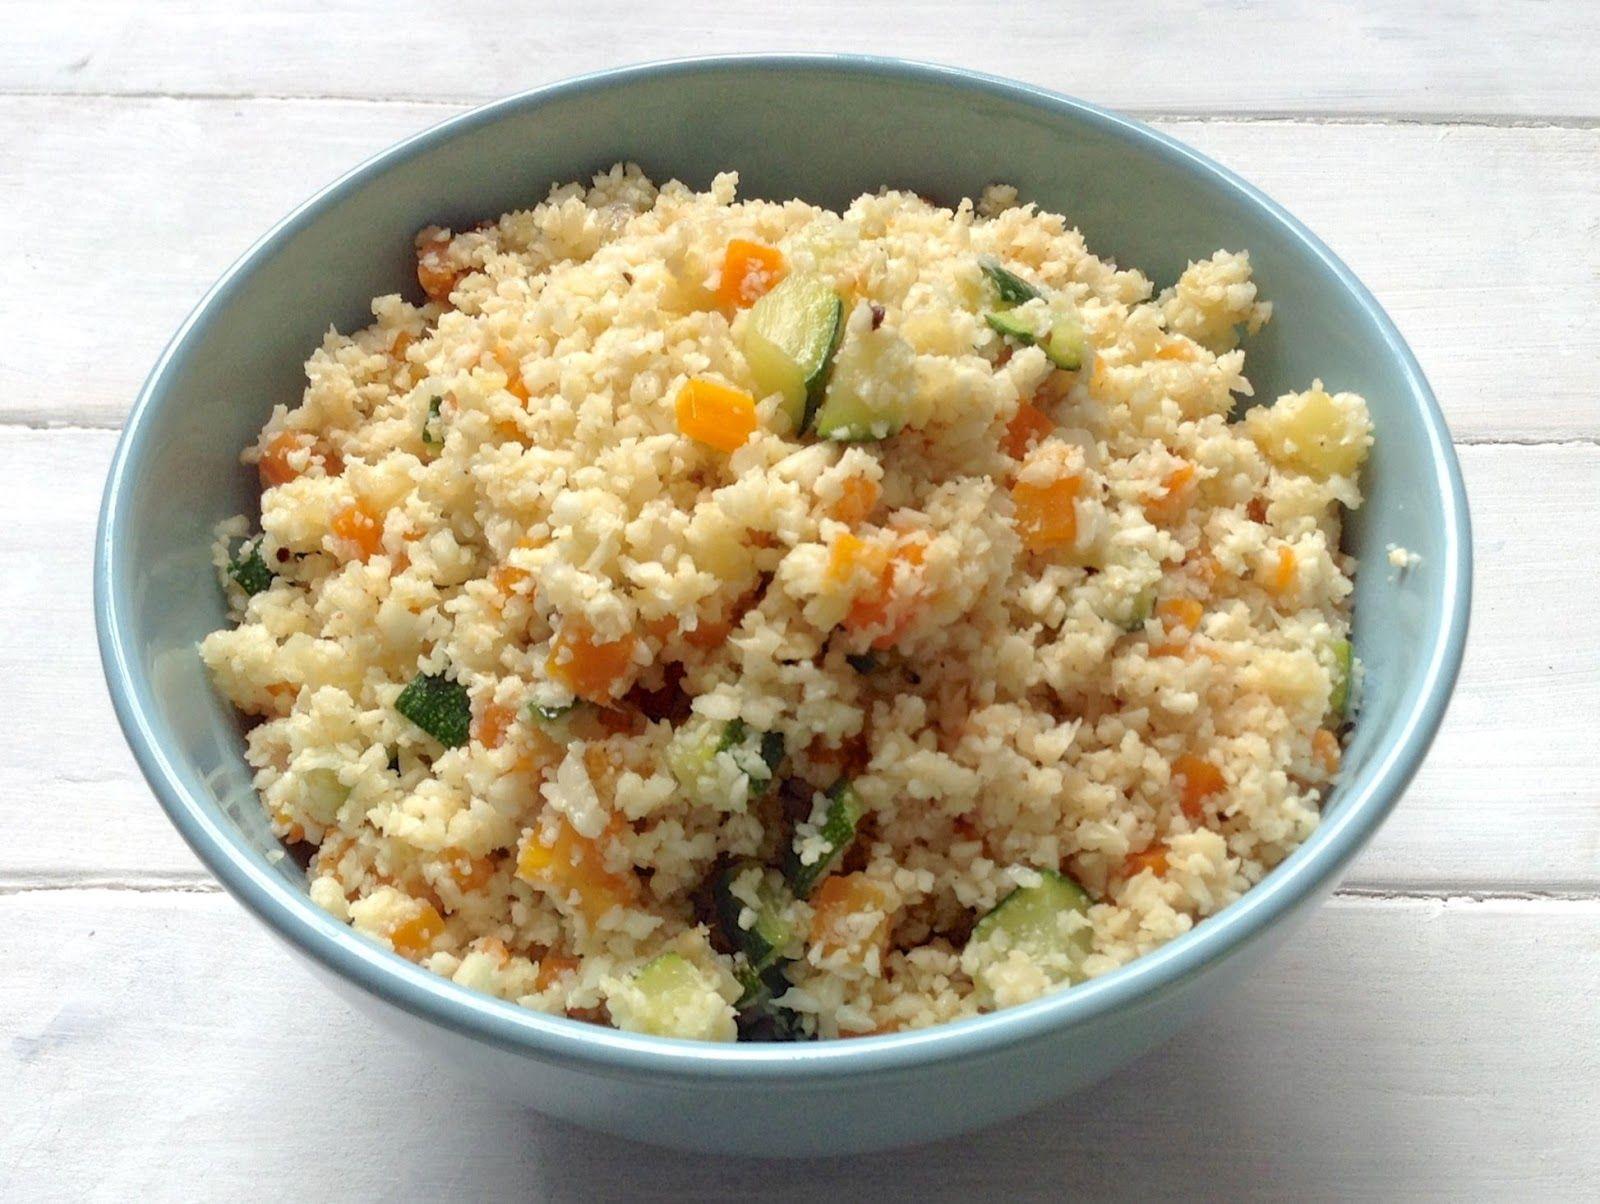 Cuscús de coliflor. Coliflower couscous. #recetassanas #recetas #dietas #healthyrecipes #recipes #food #yummy